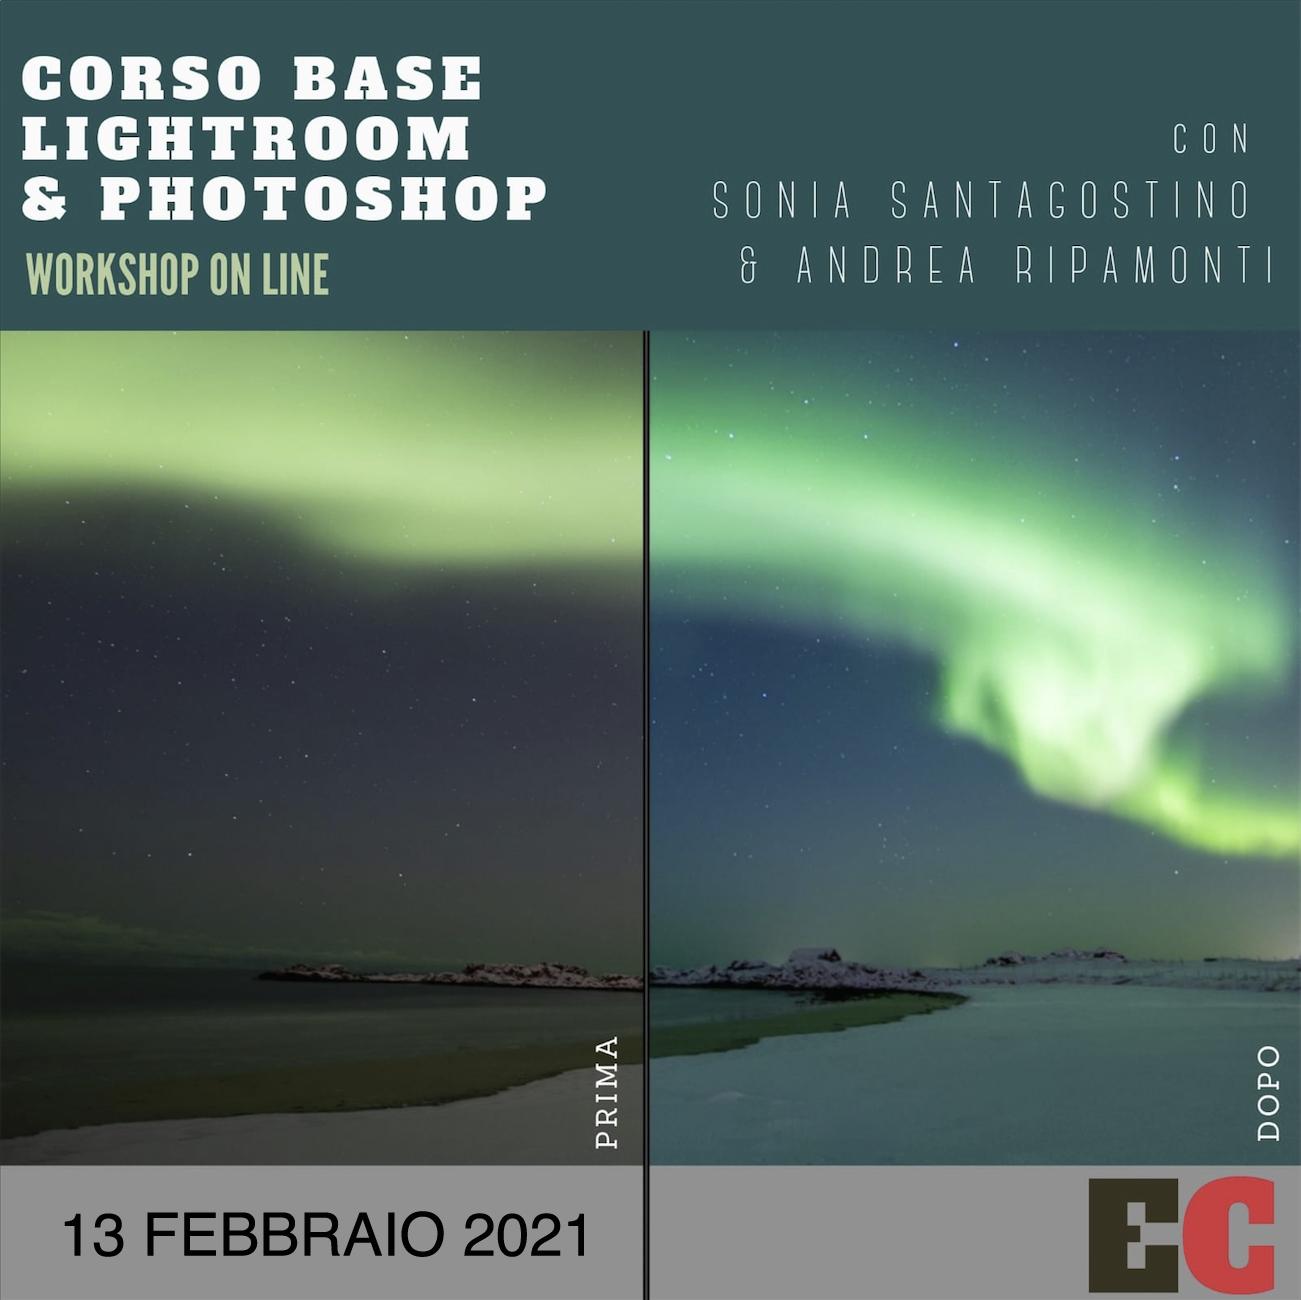 Corso base Photoshop e Lightroom